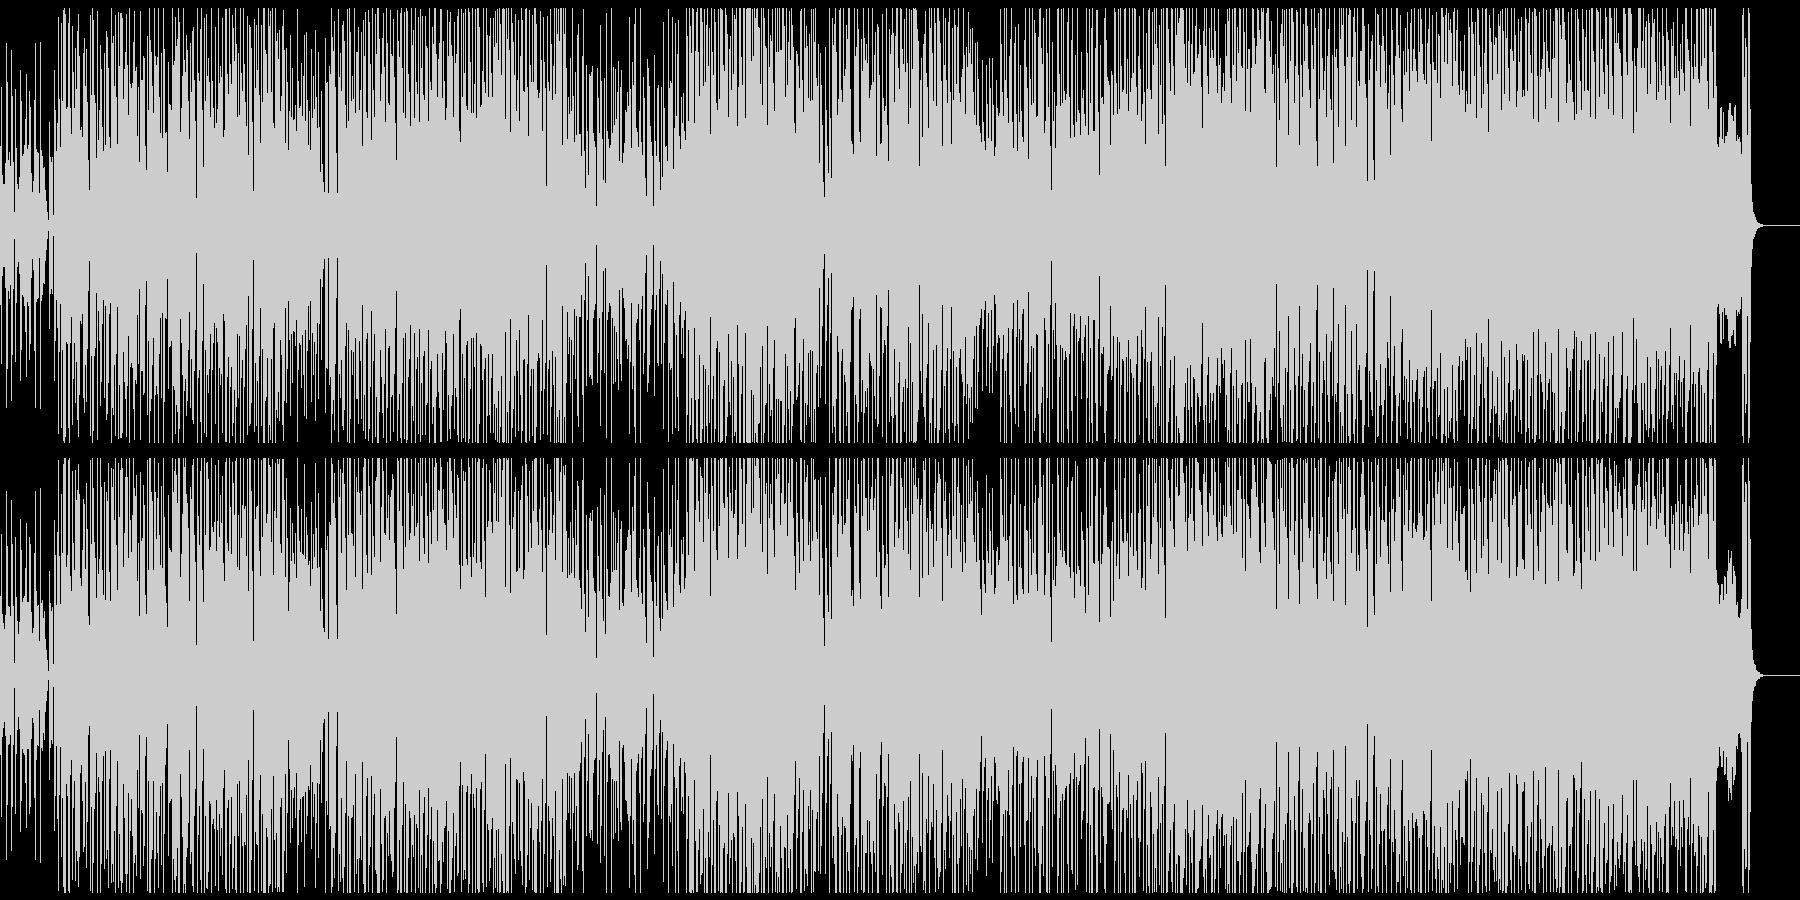 サックスの音色が怪しげなラテンジャズの未再生の波形